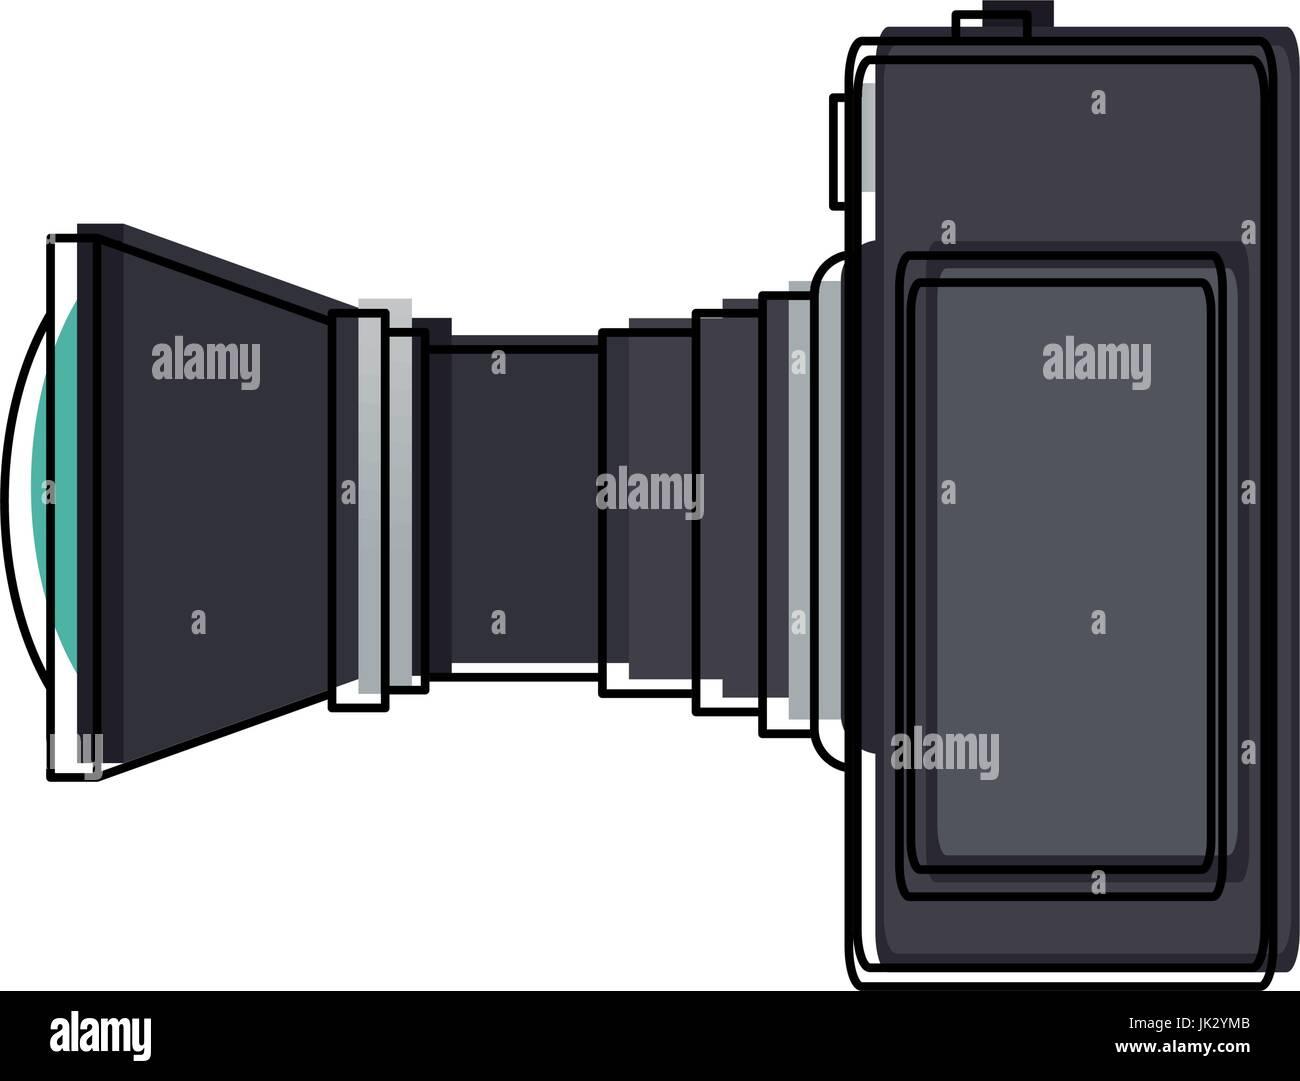 Telecamere Professionali lente fotografica attrezzature Immagini Stock